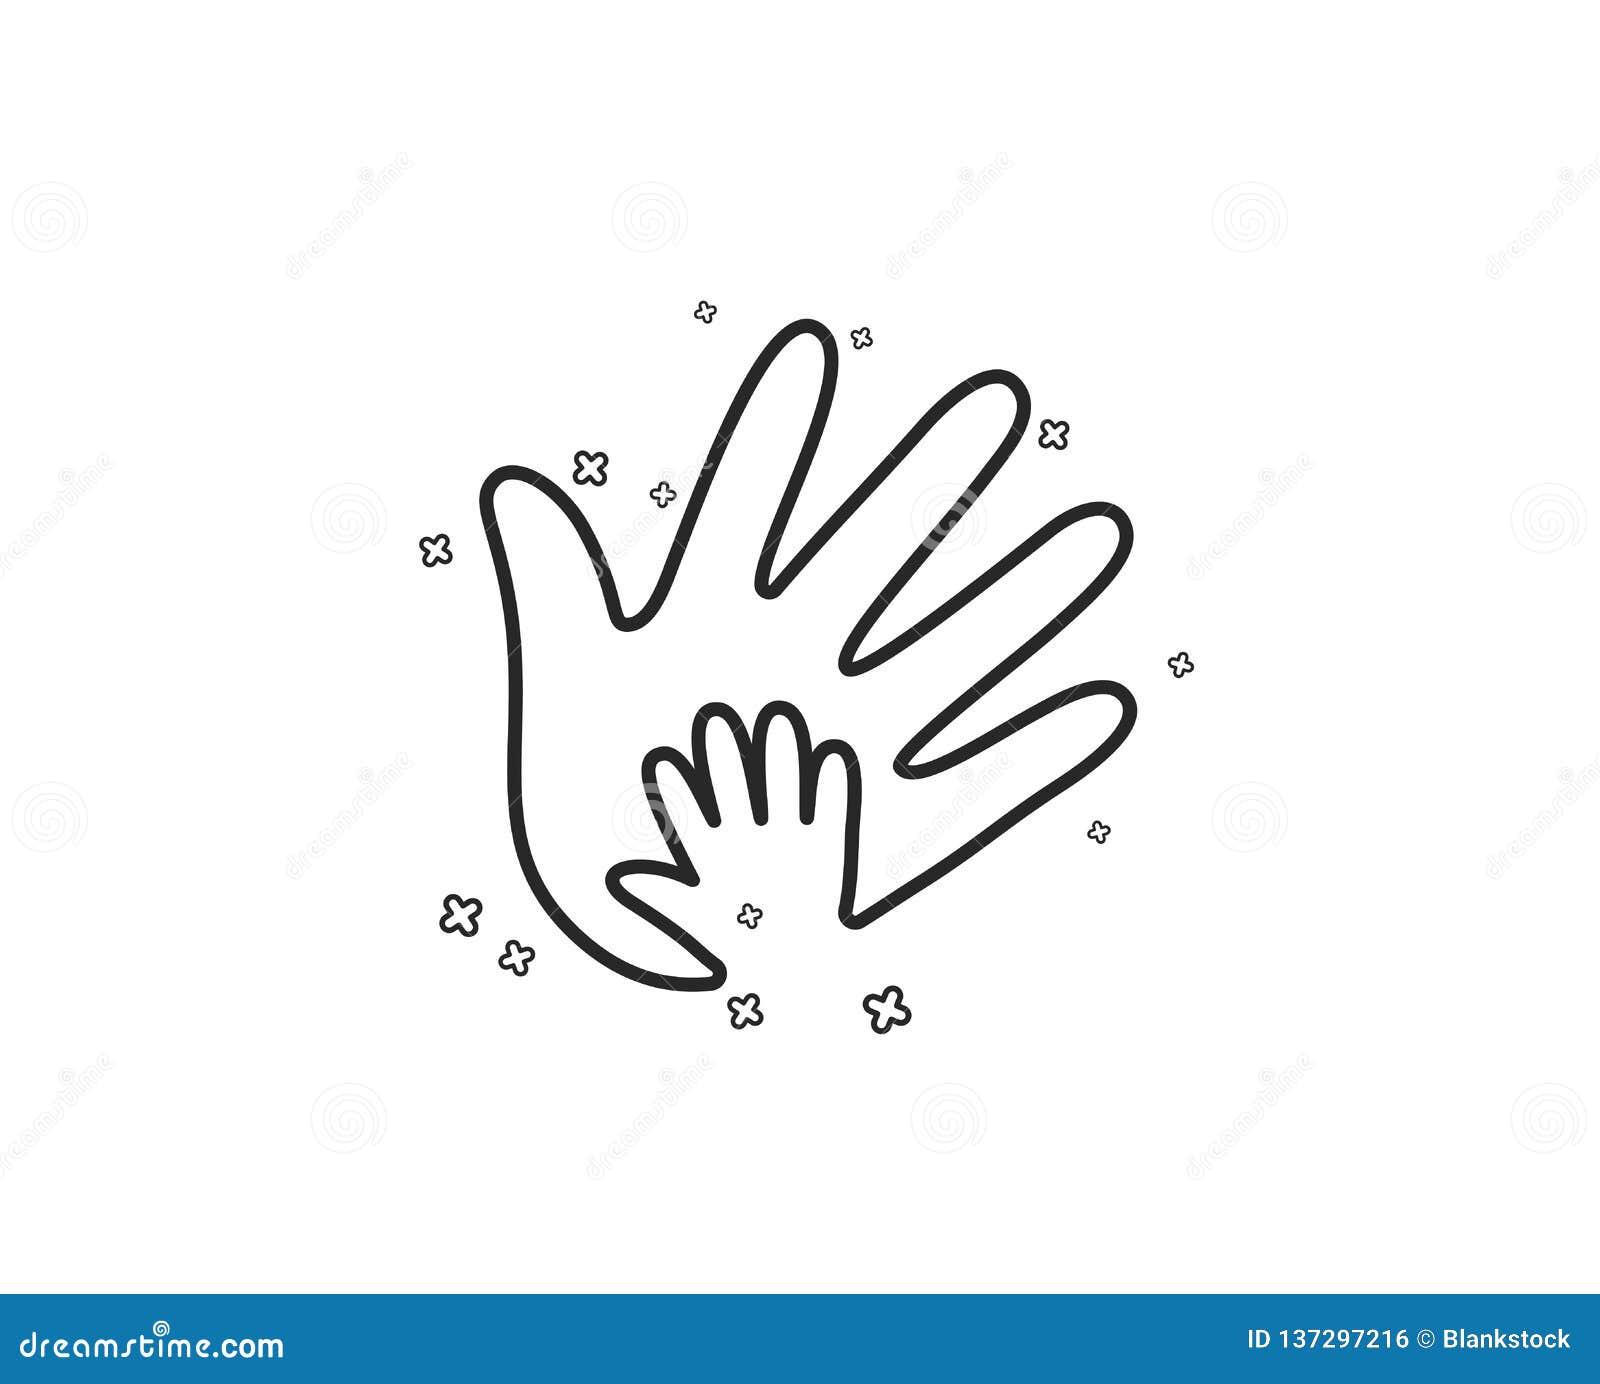 Handlinje symbol Tecken för socialt ansvar vektor